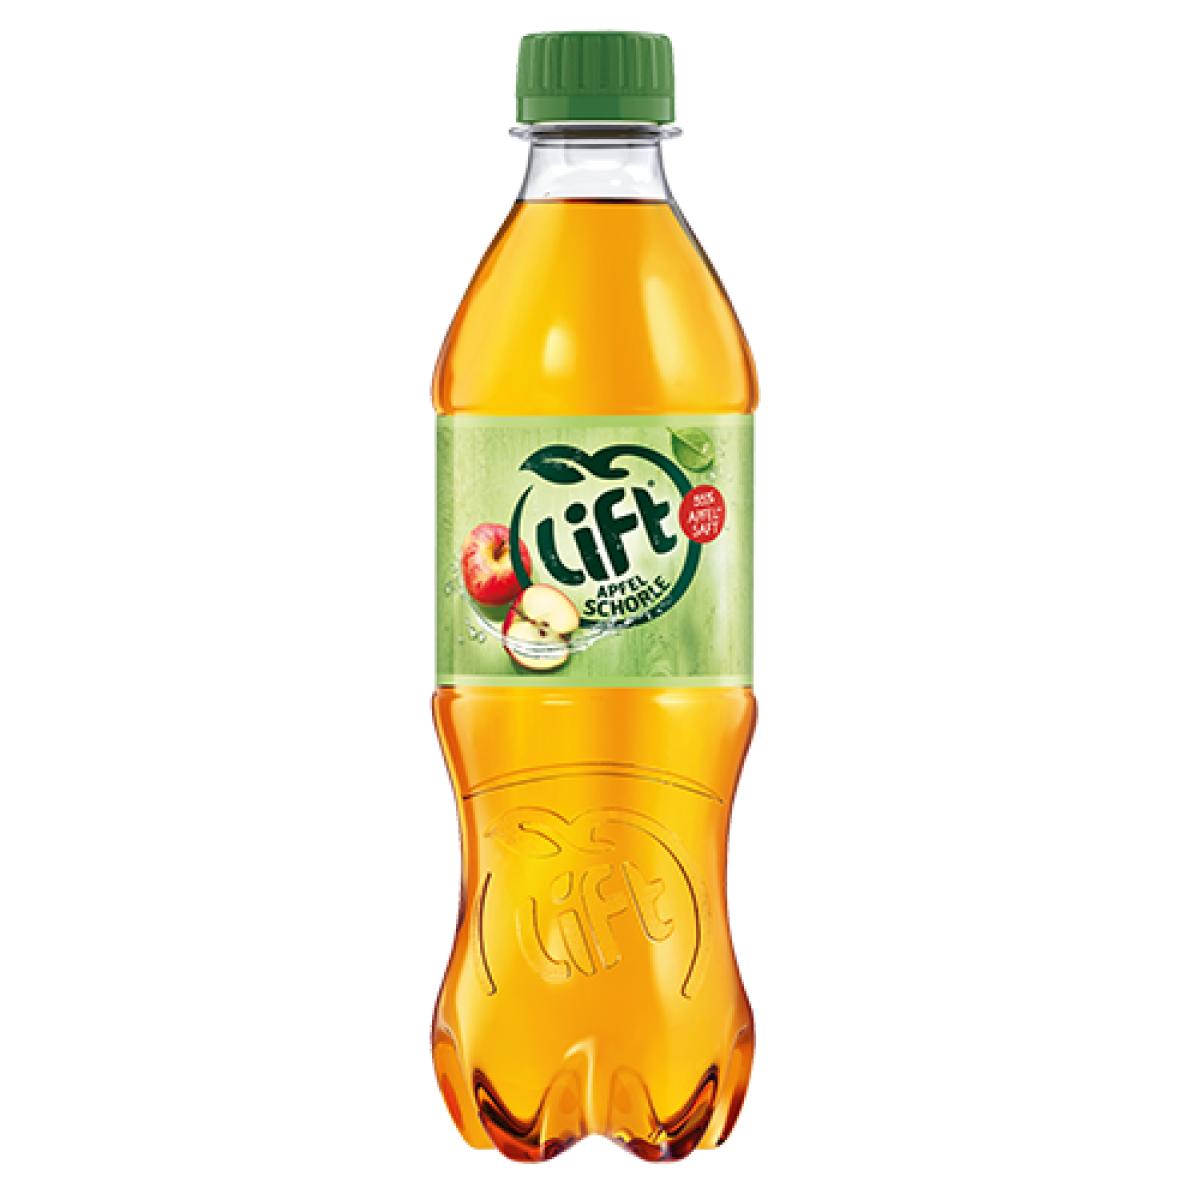 LIFT Apfelschorle 12x0,5L